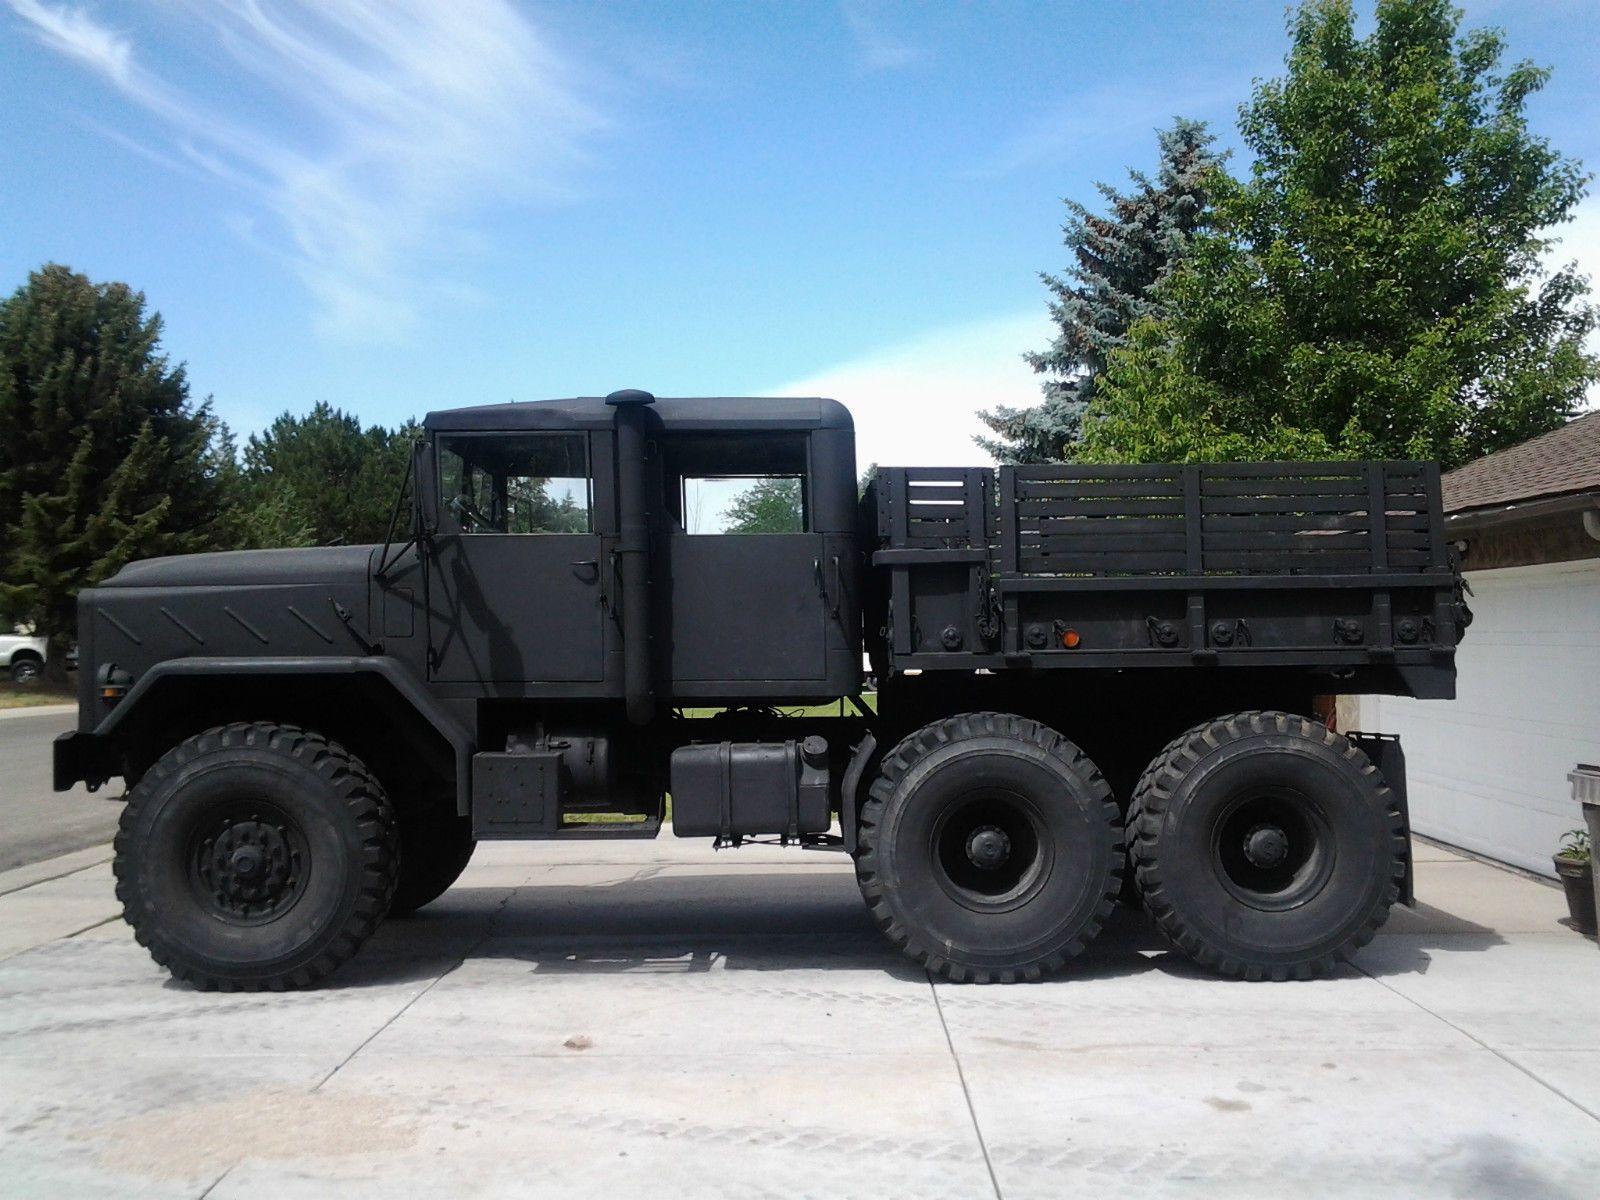 BMY M923A2 5 Ton Military Google Search